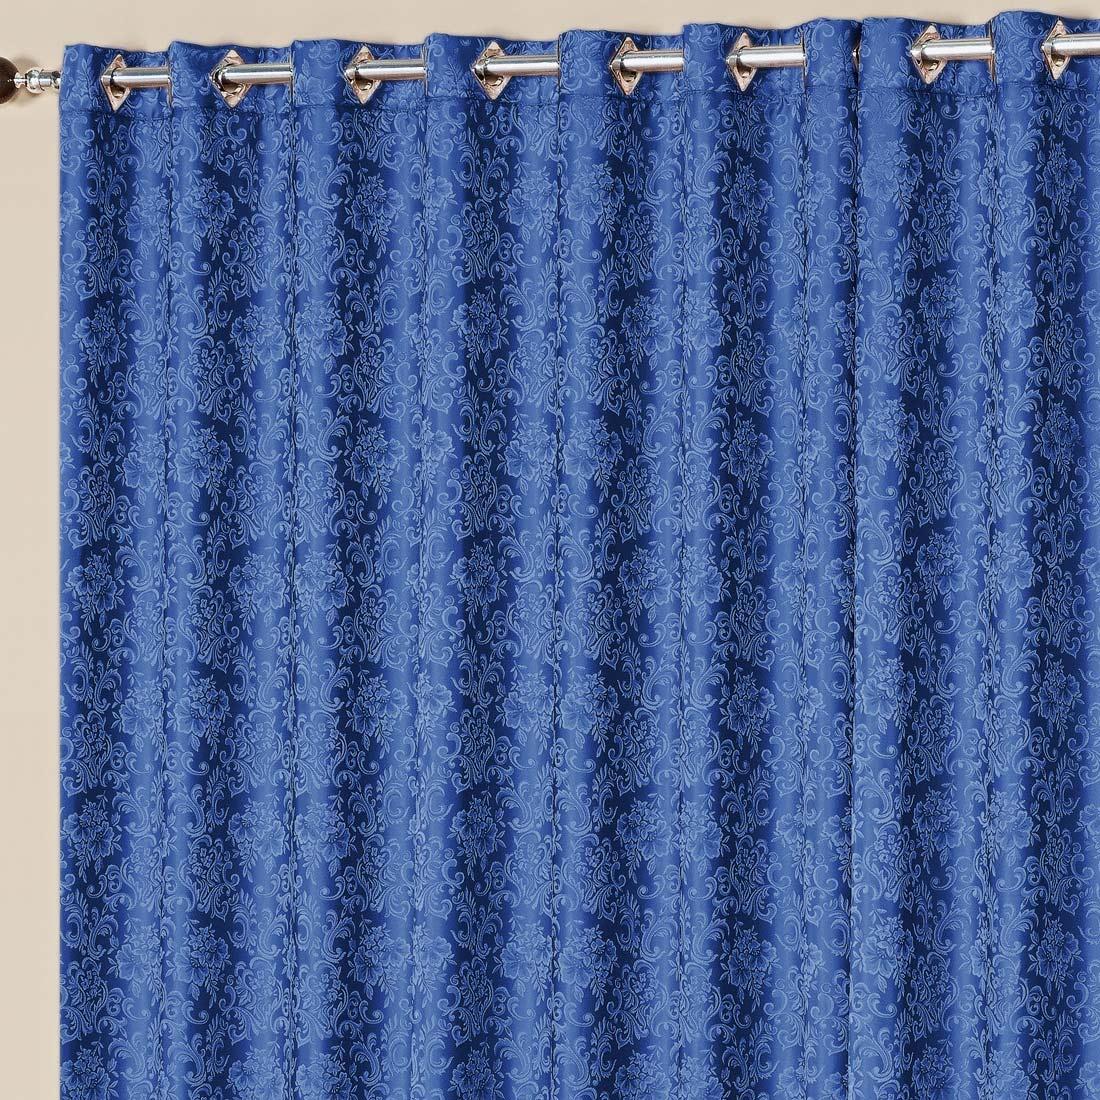 Cortina Nobre Jacquard Azul 2,00m x 1,70m p/ Varão Simples